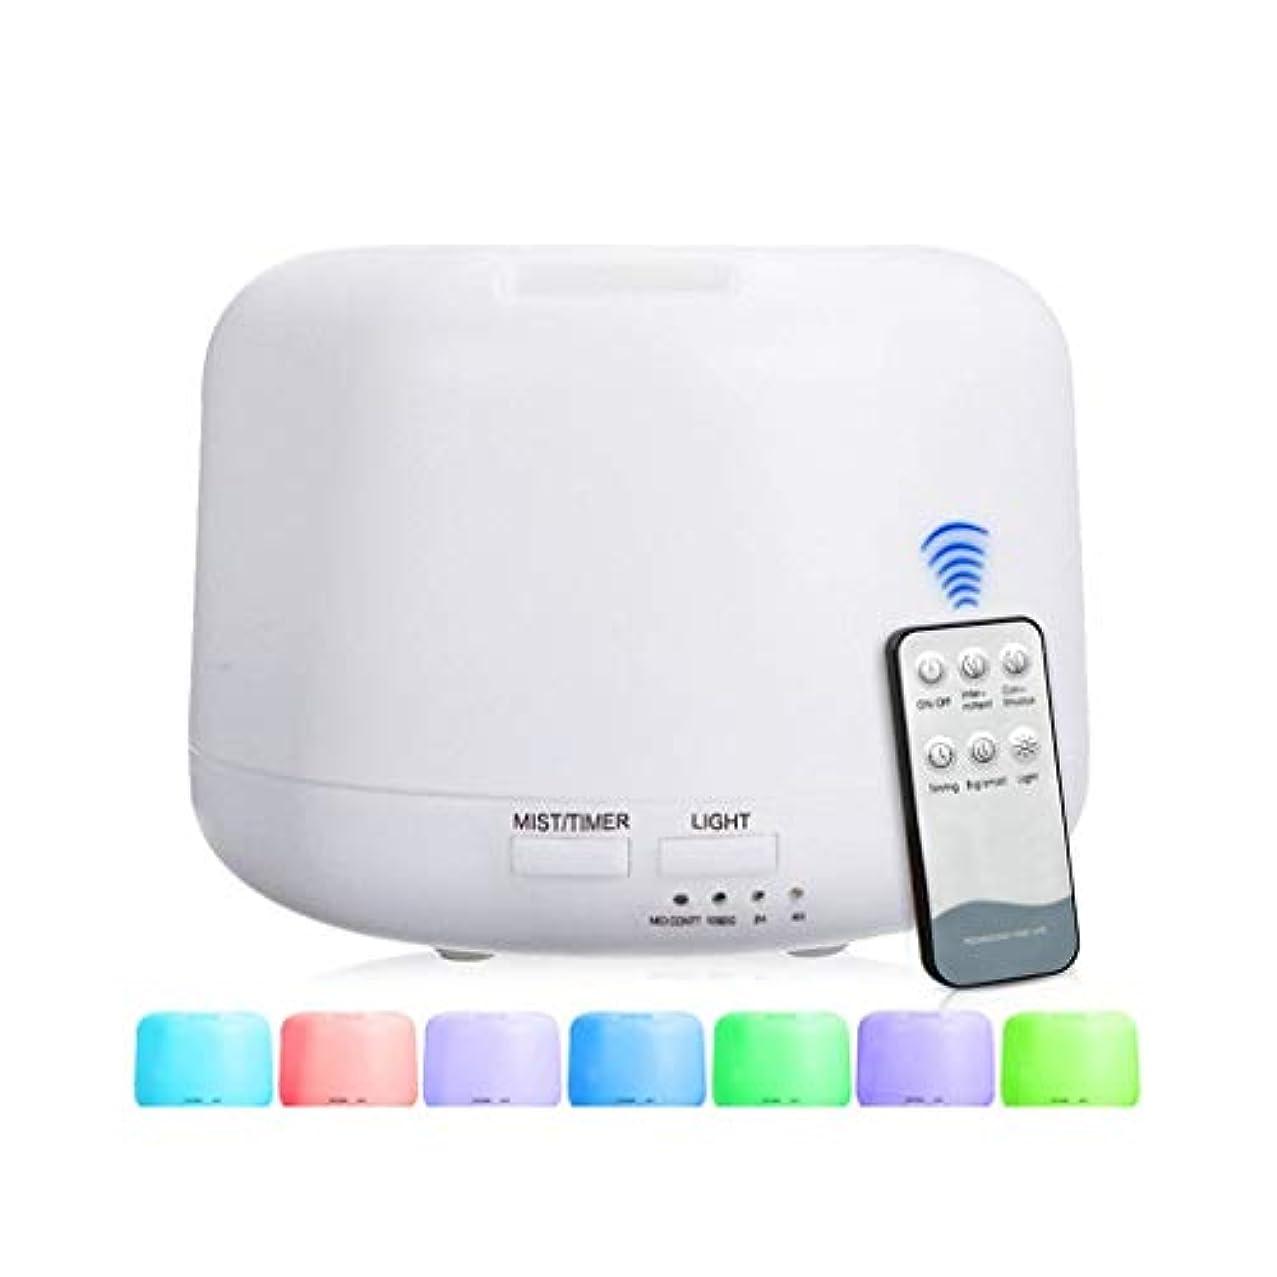 偏心本土サラダ300 Mlアドバンストディフューザー、超音波蒸発器加湿器、タイマーおよび自動遮断安全スイッチ、7 LEDライトカラー (Color : Warm white)